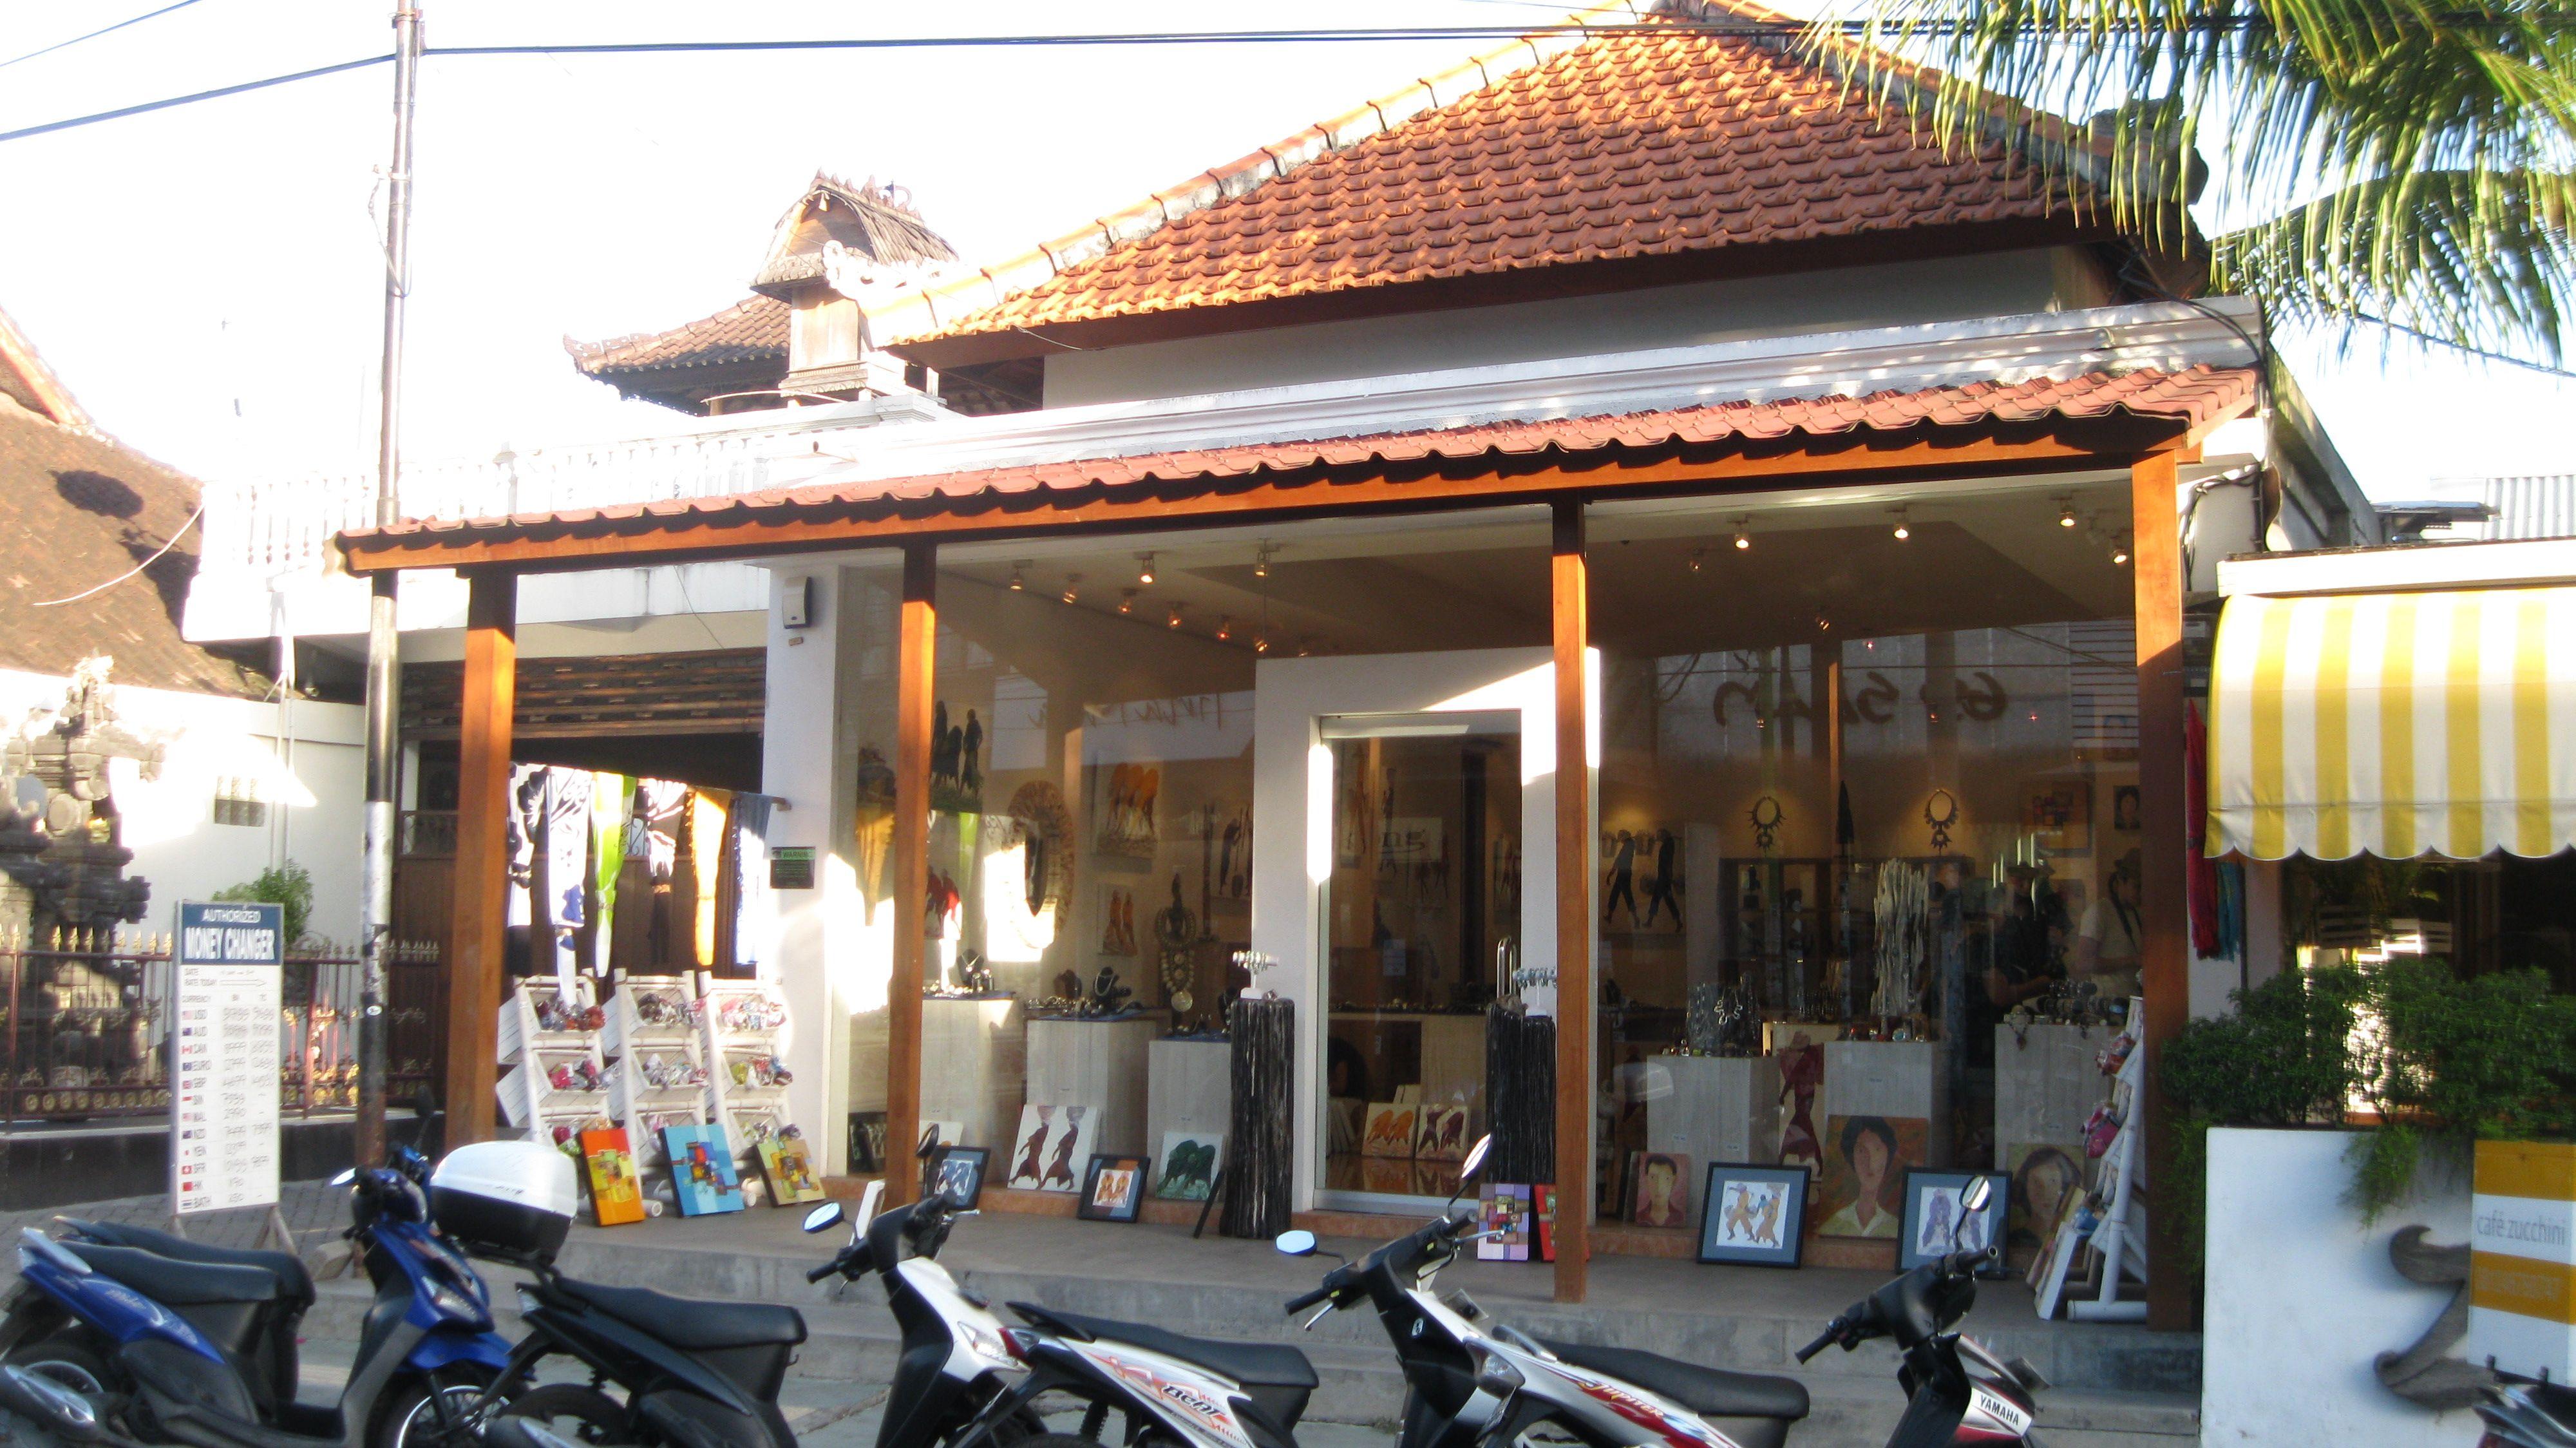 Shop in Seminyak, Bali, Indonesia